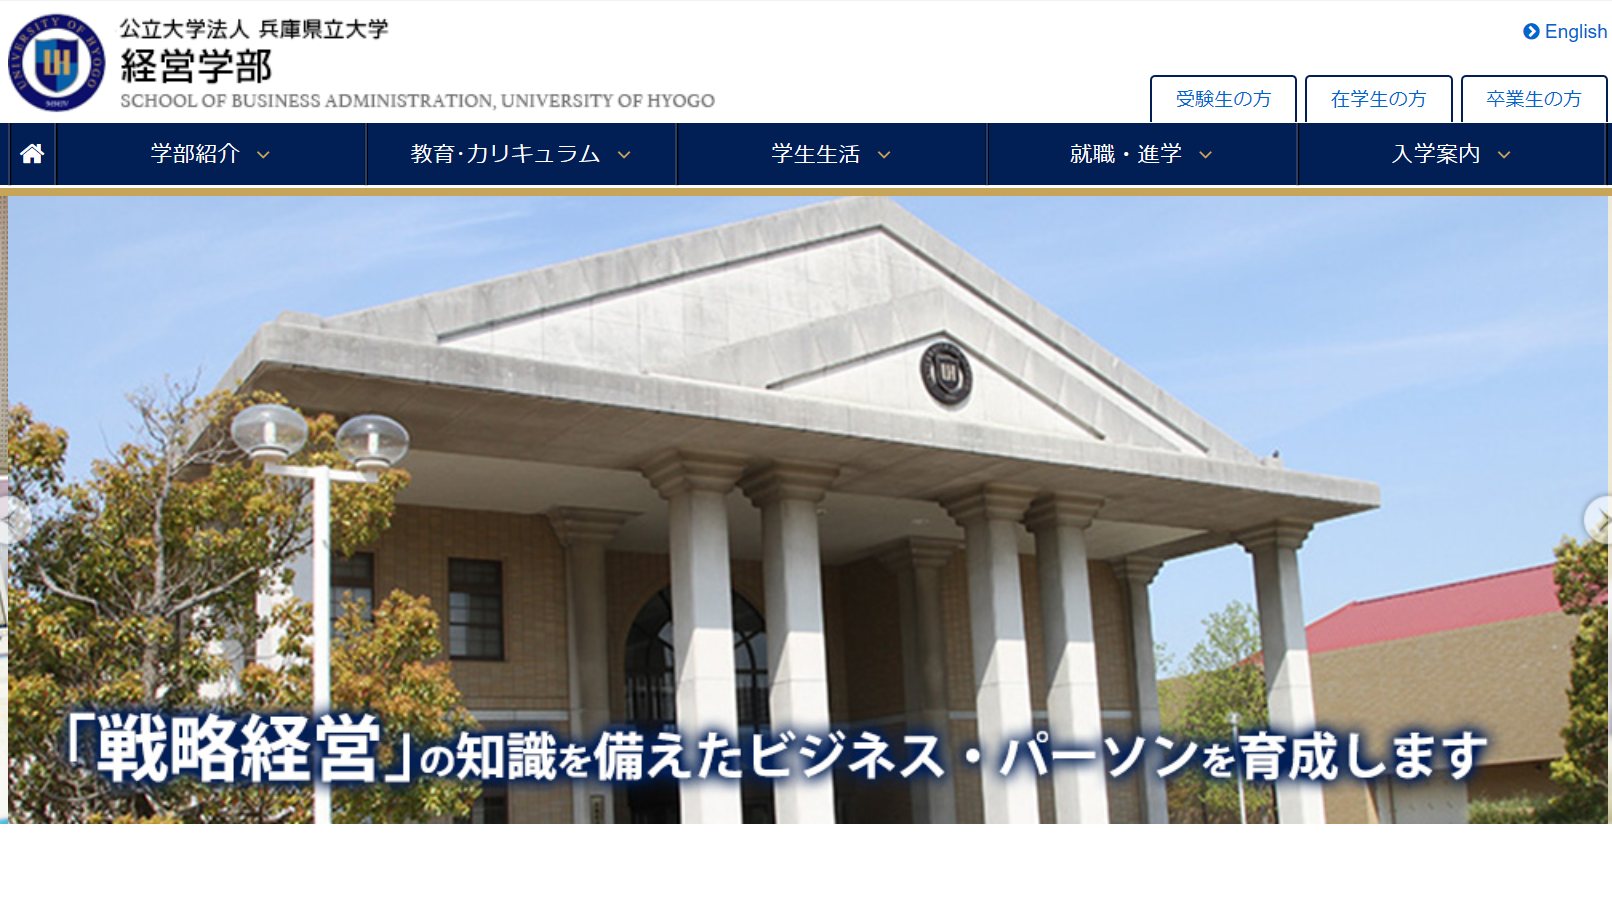 兵庫県立大学の評判・口コミ【経営学部編】